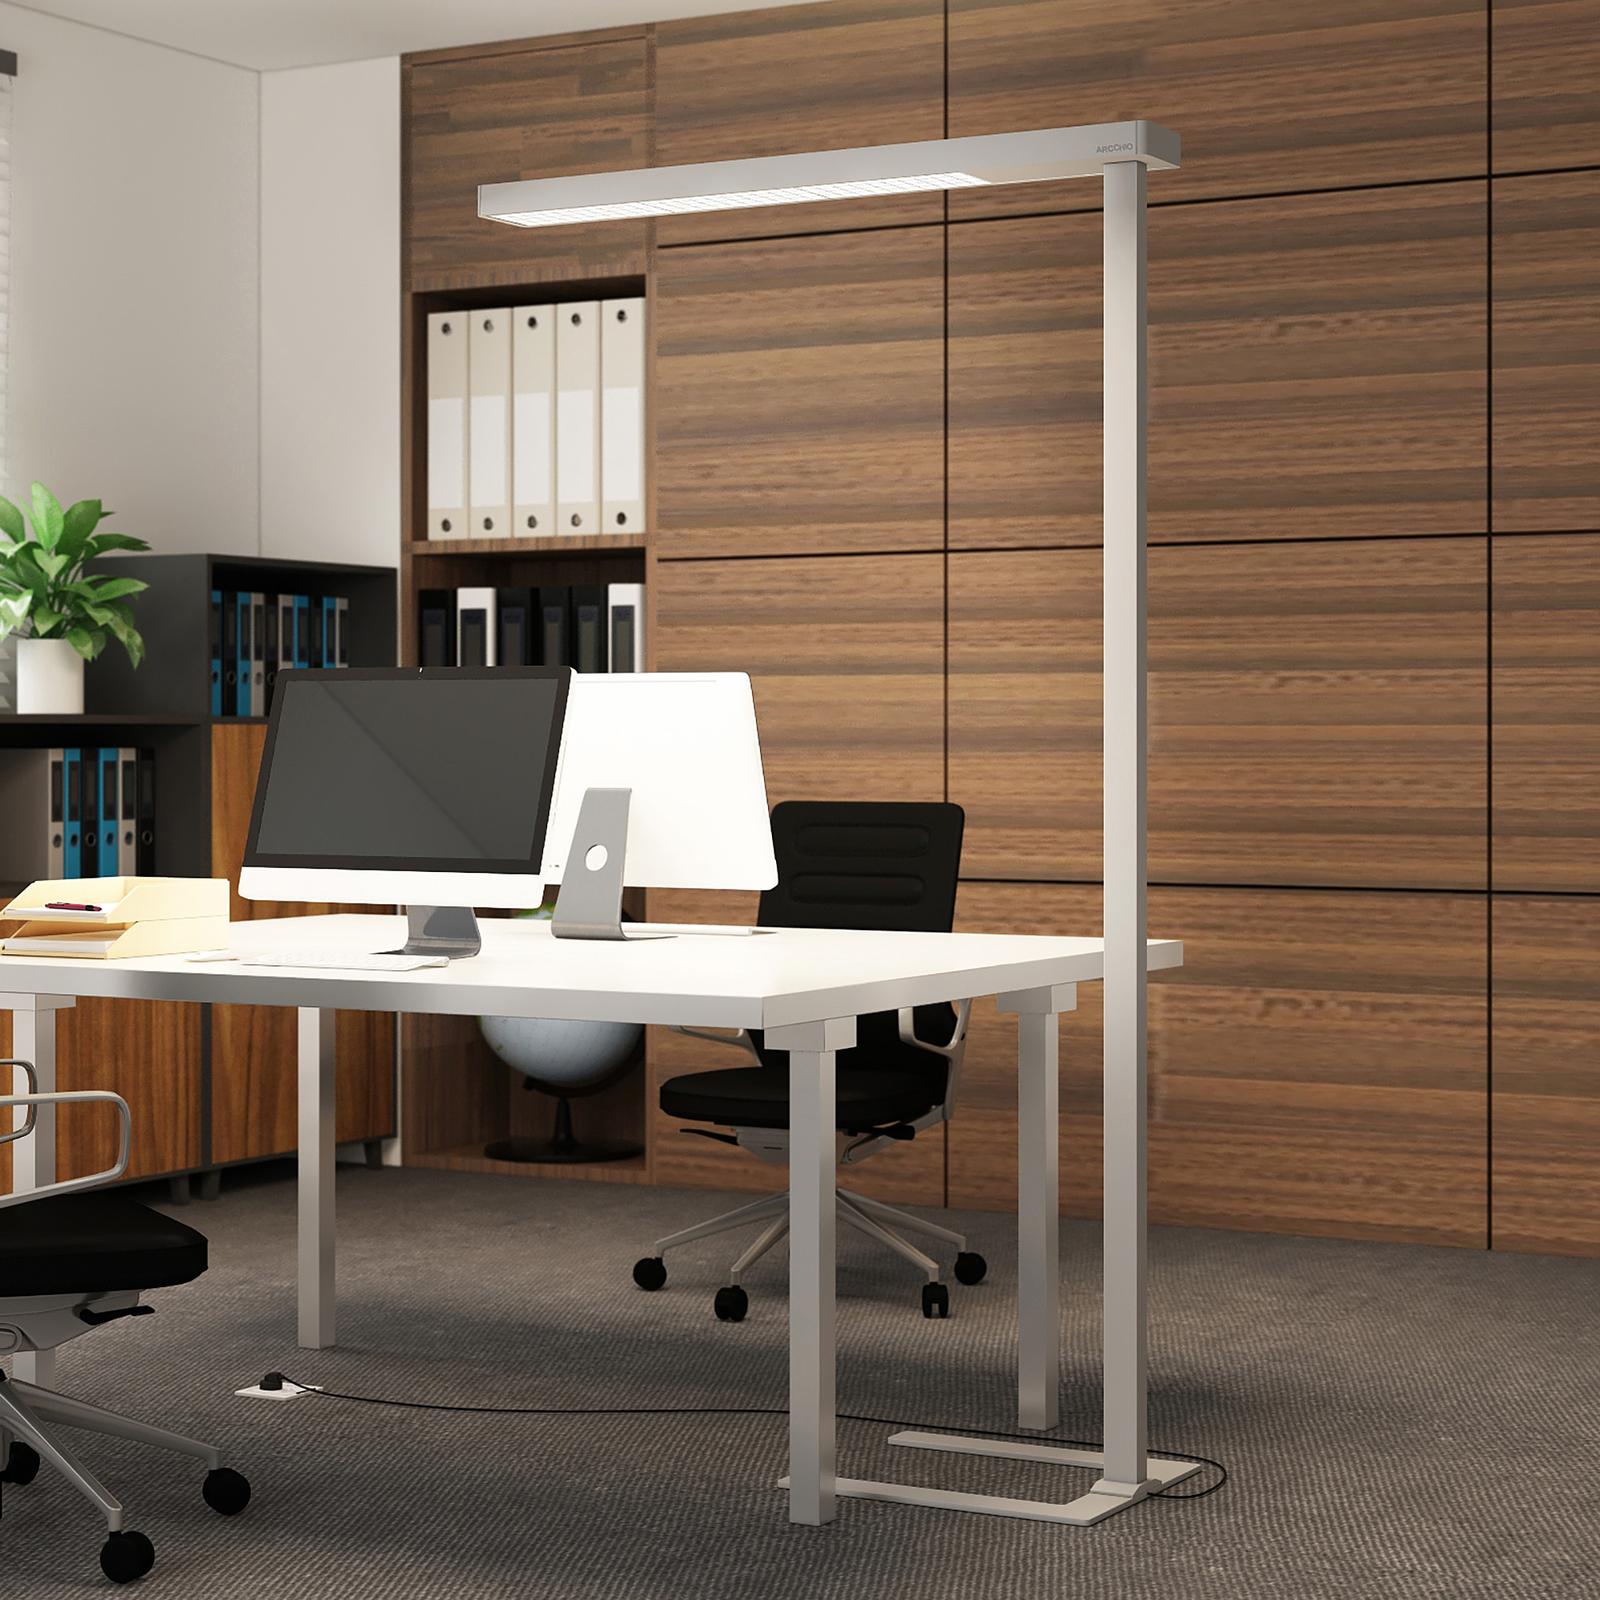 Arcchio Bilano LED-gulvlampe til kontor, dæmper